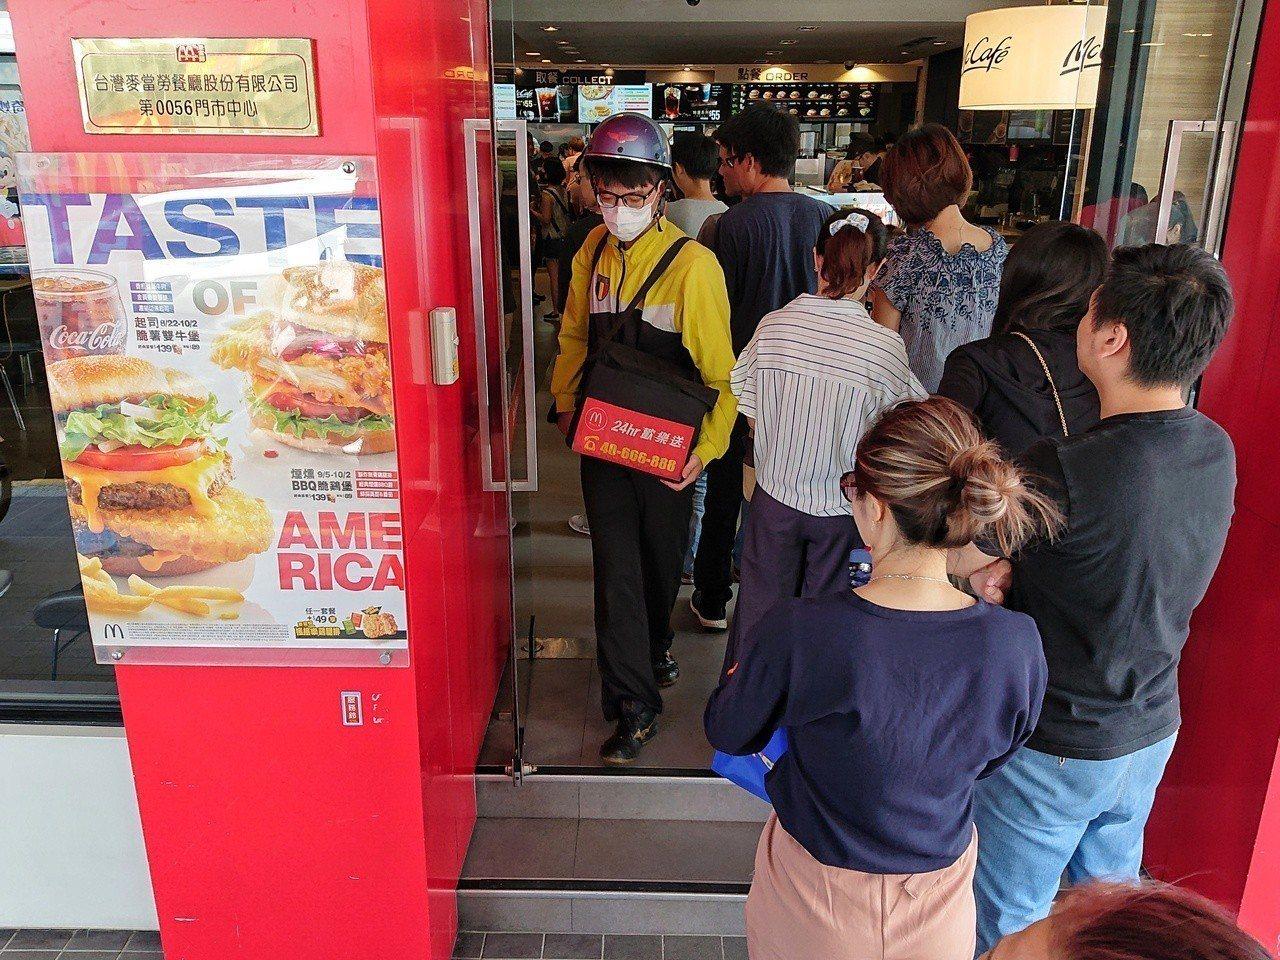 麥當勞推出大麥克買一送一,民眾排隊排到門口。記者鄭清元/攝影 鄭清元